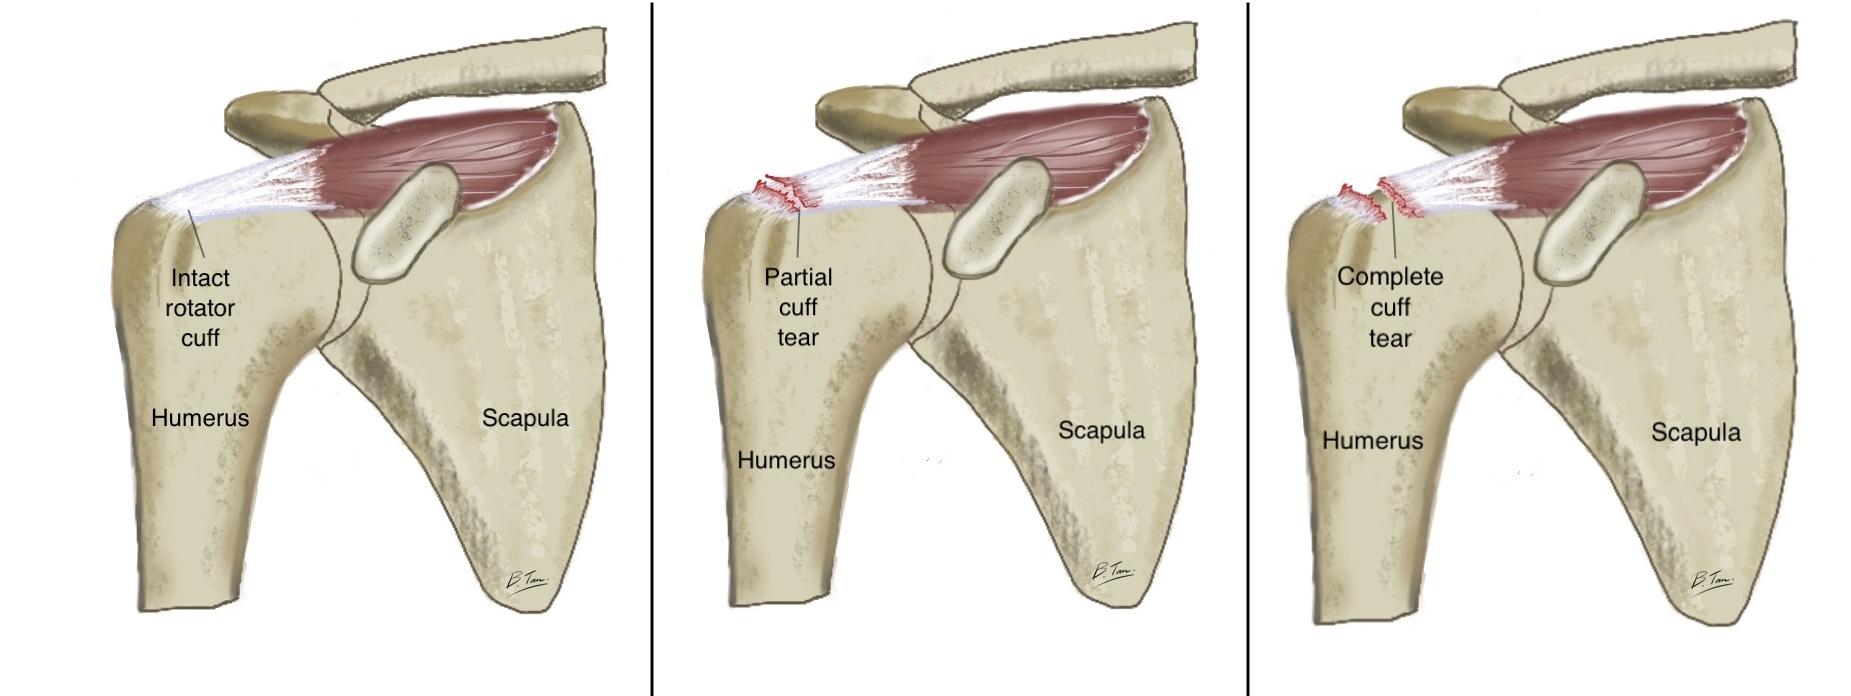 Intact cuff vs partial cuff tear vs full thickness cuff tear